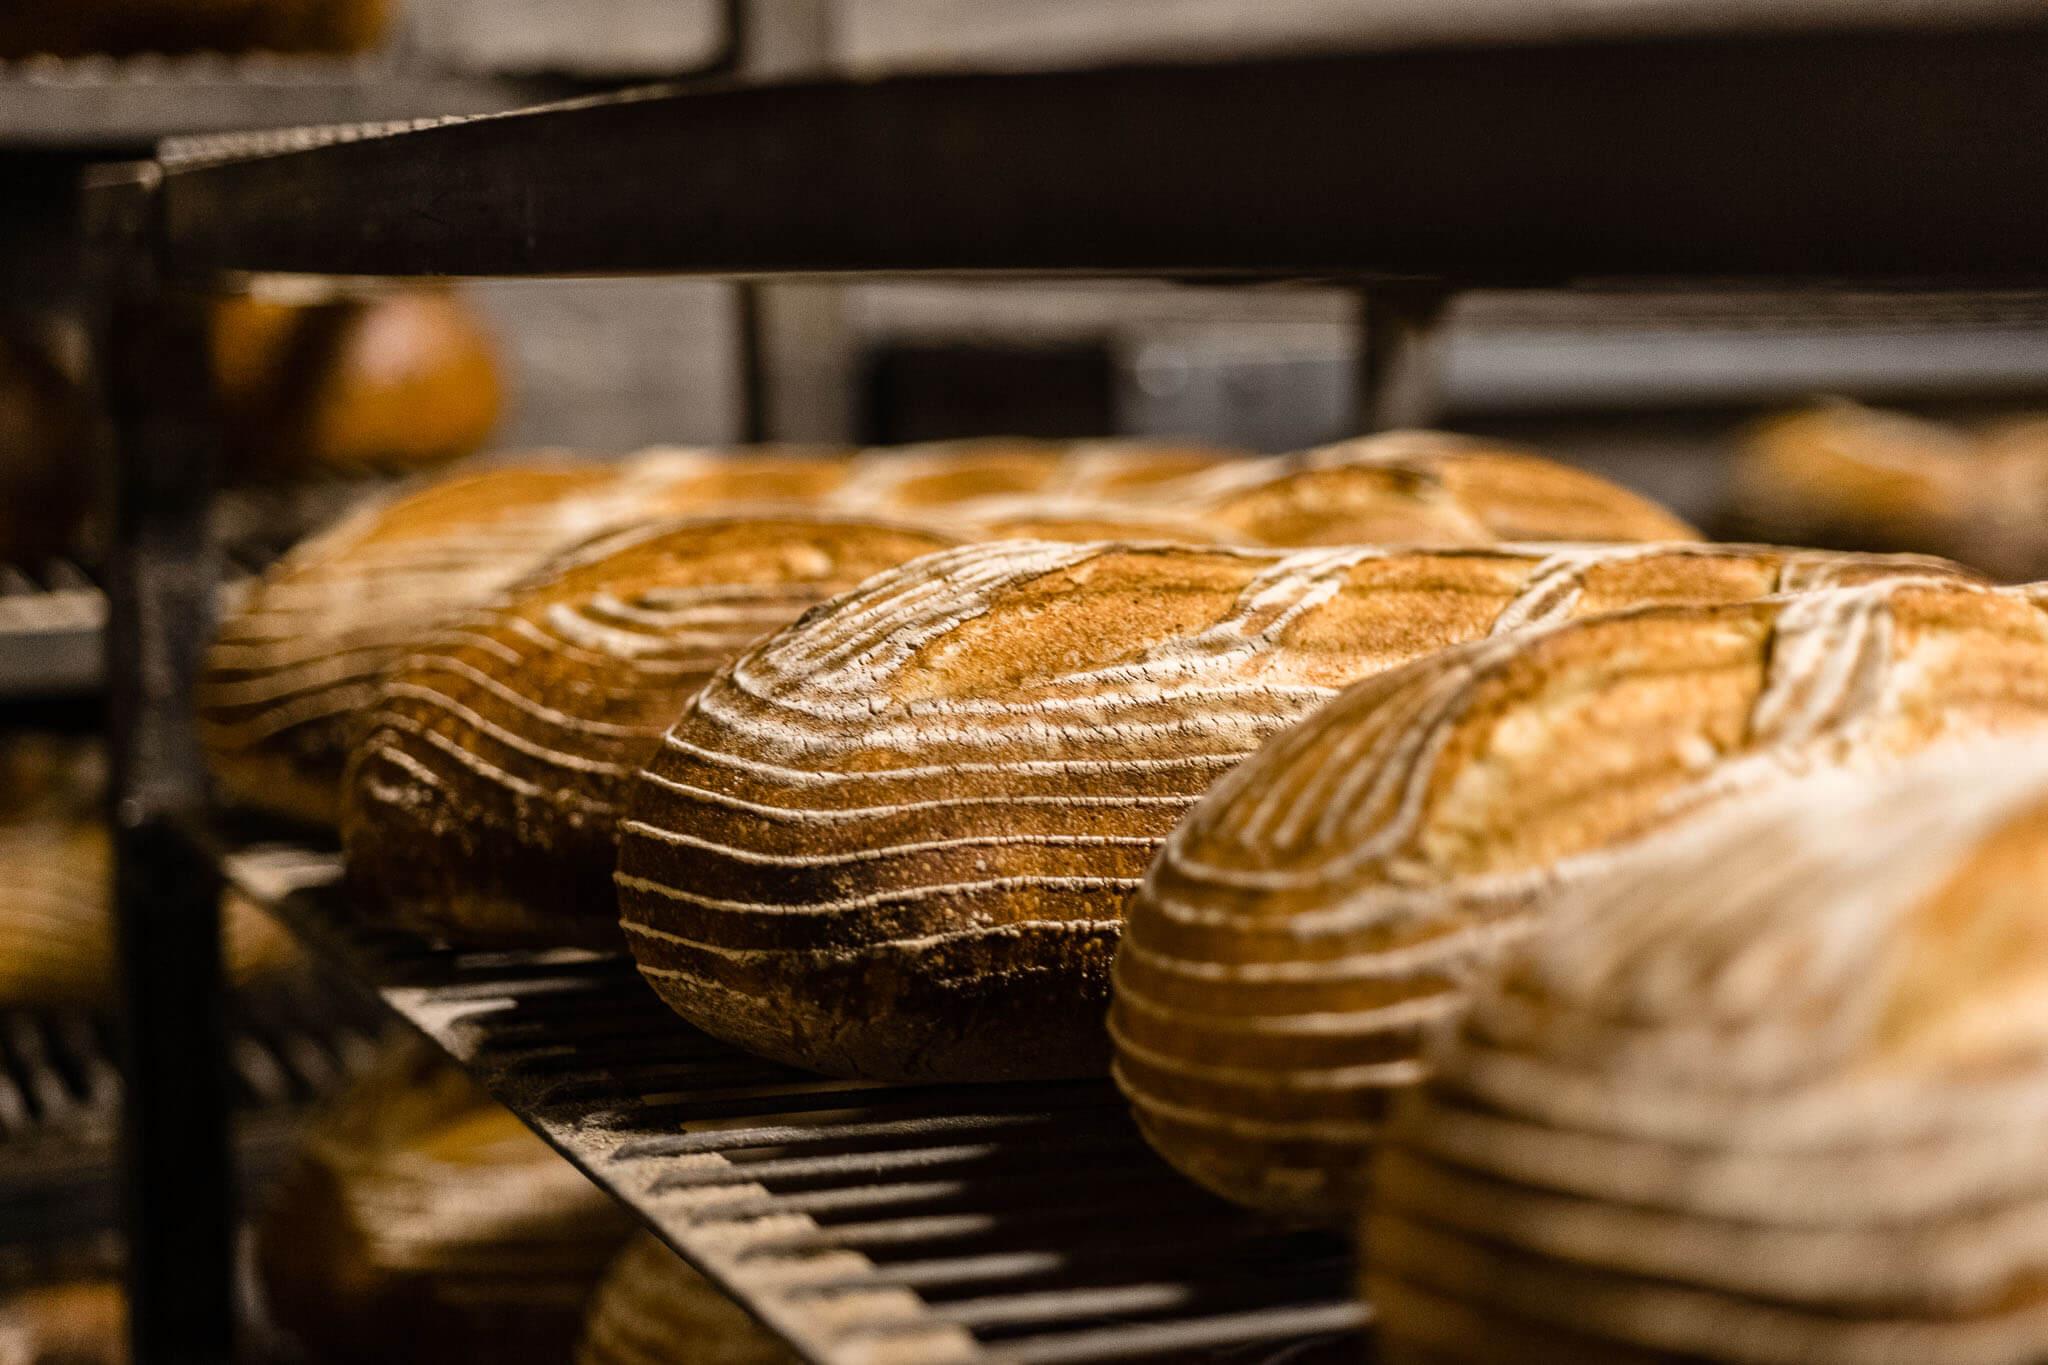 Mediterra Bakery